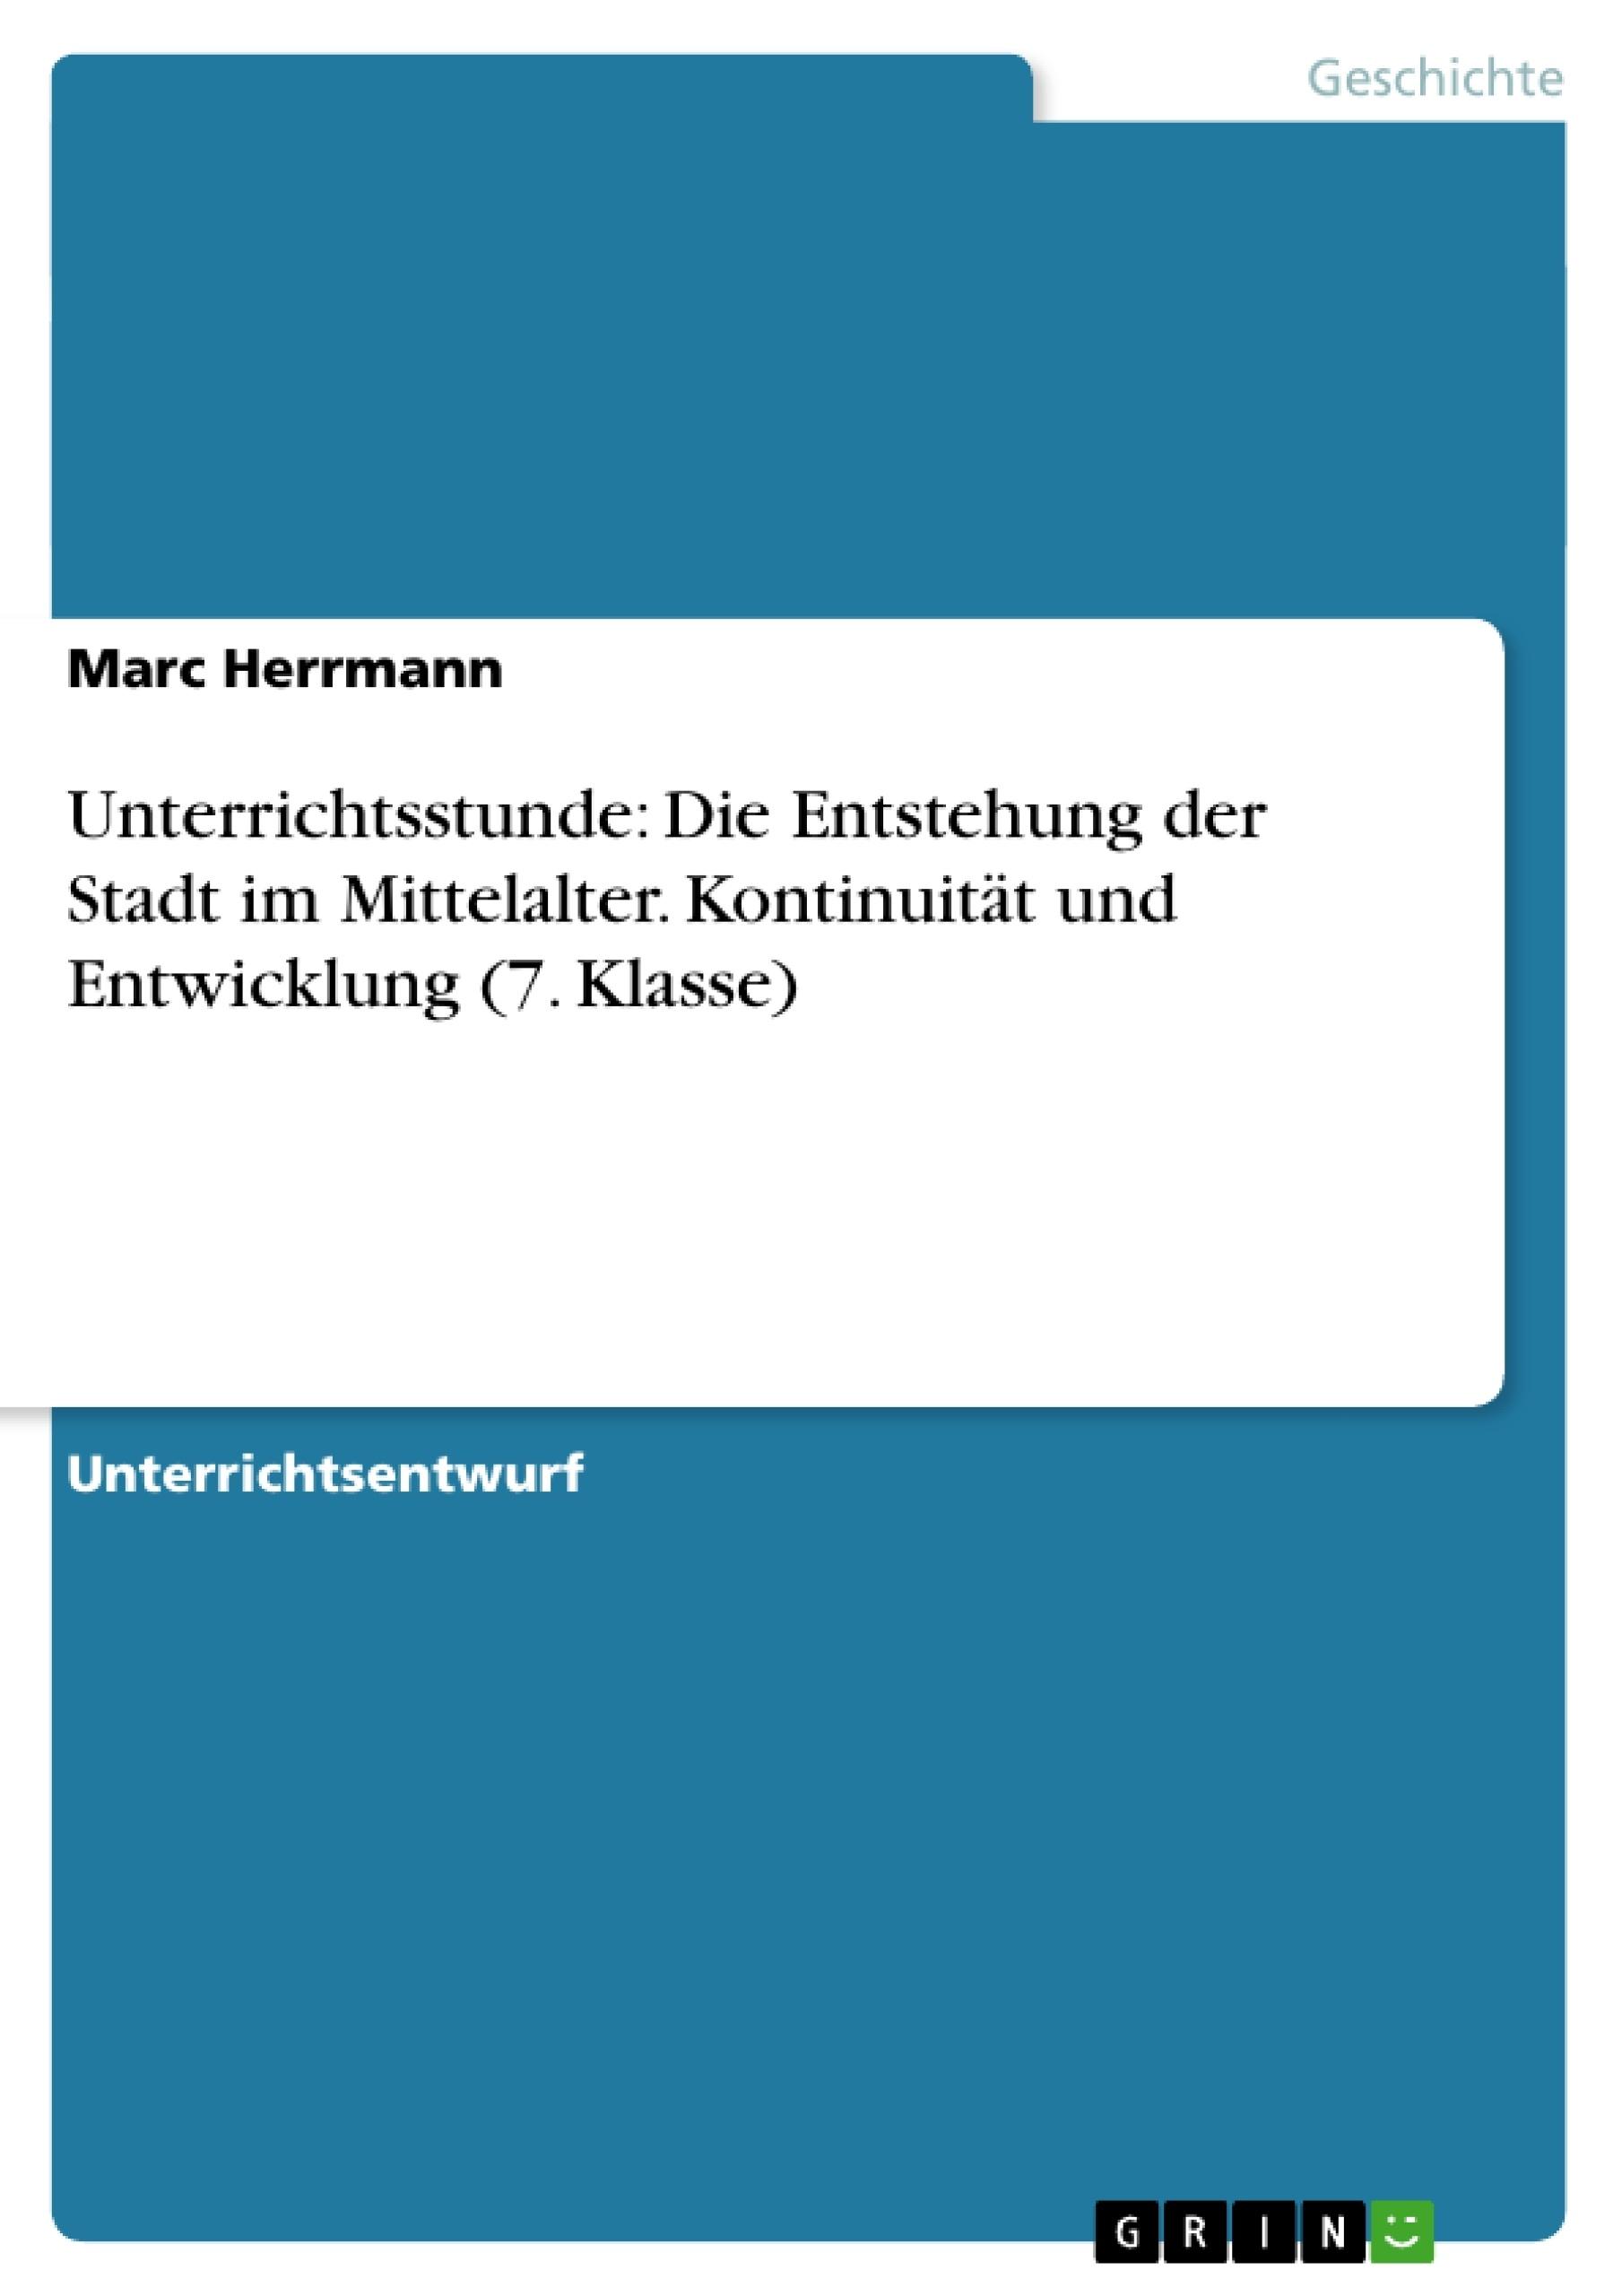 Titel: Unterrichtsstunde: Die Entstehung der Stadt im Mittelalter. Kontinuität und Entwicklung (7. Klasse)